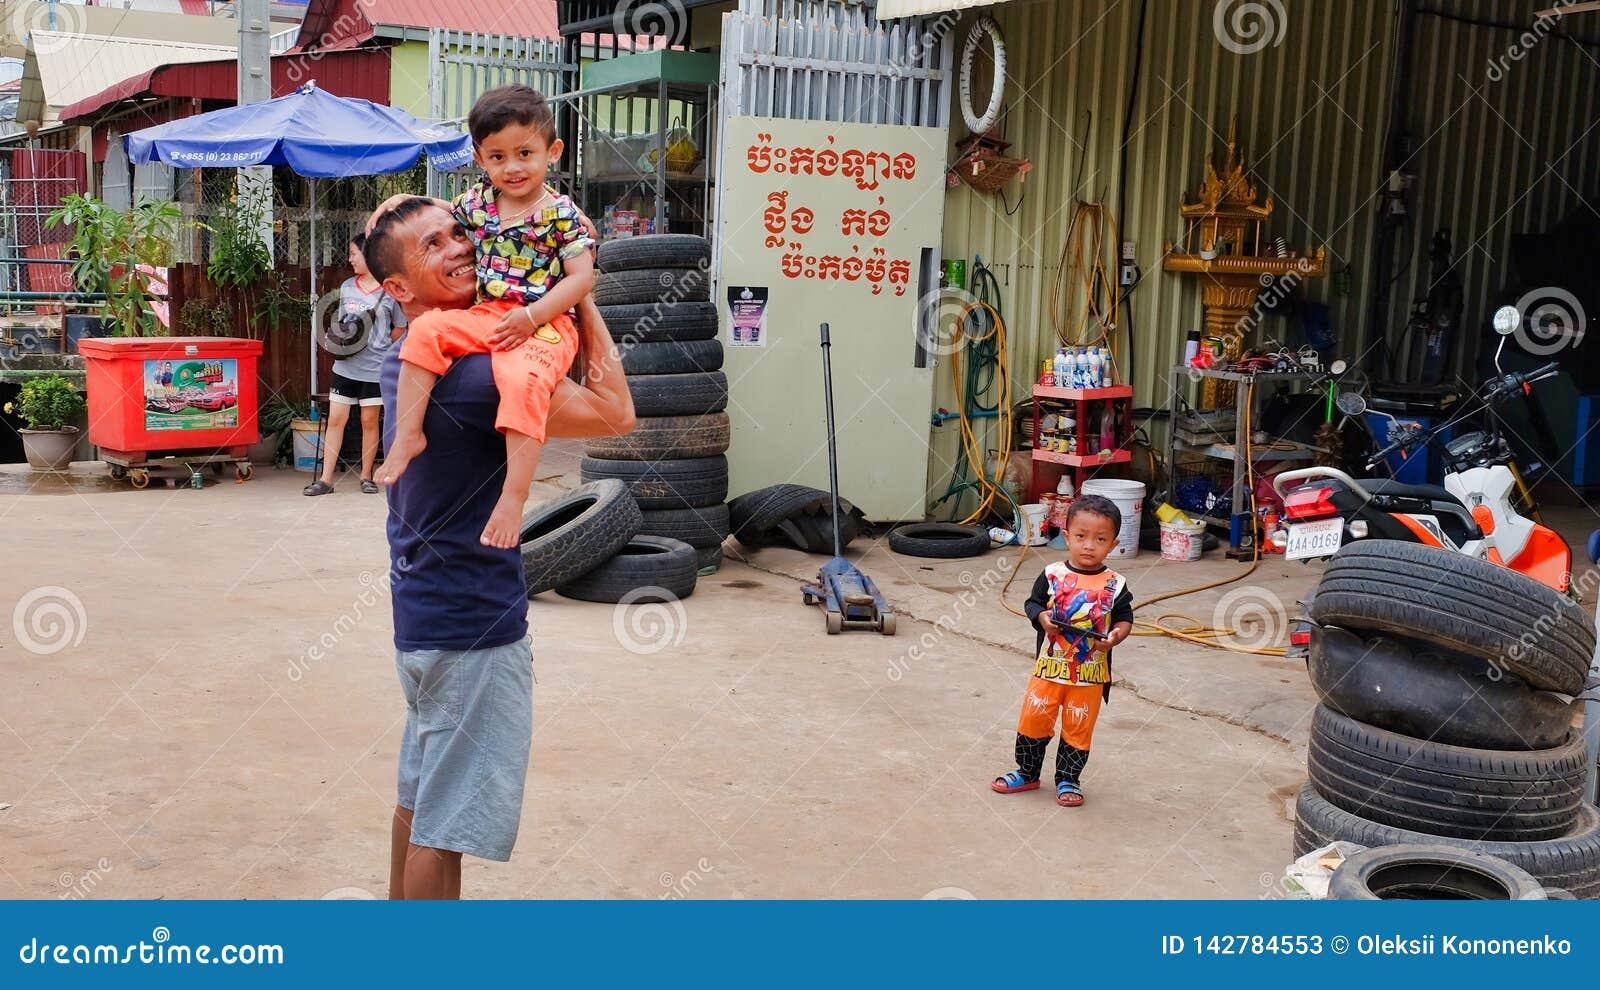 Ein Mann mit einem Kind in seinen Armen nahe dem Reifengeschäft, Elendsviertel von Asien, Bewohner von schlechten Bereichen von